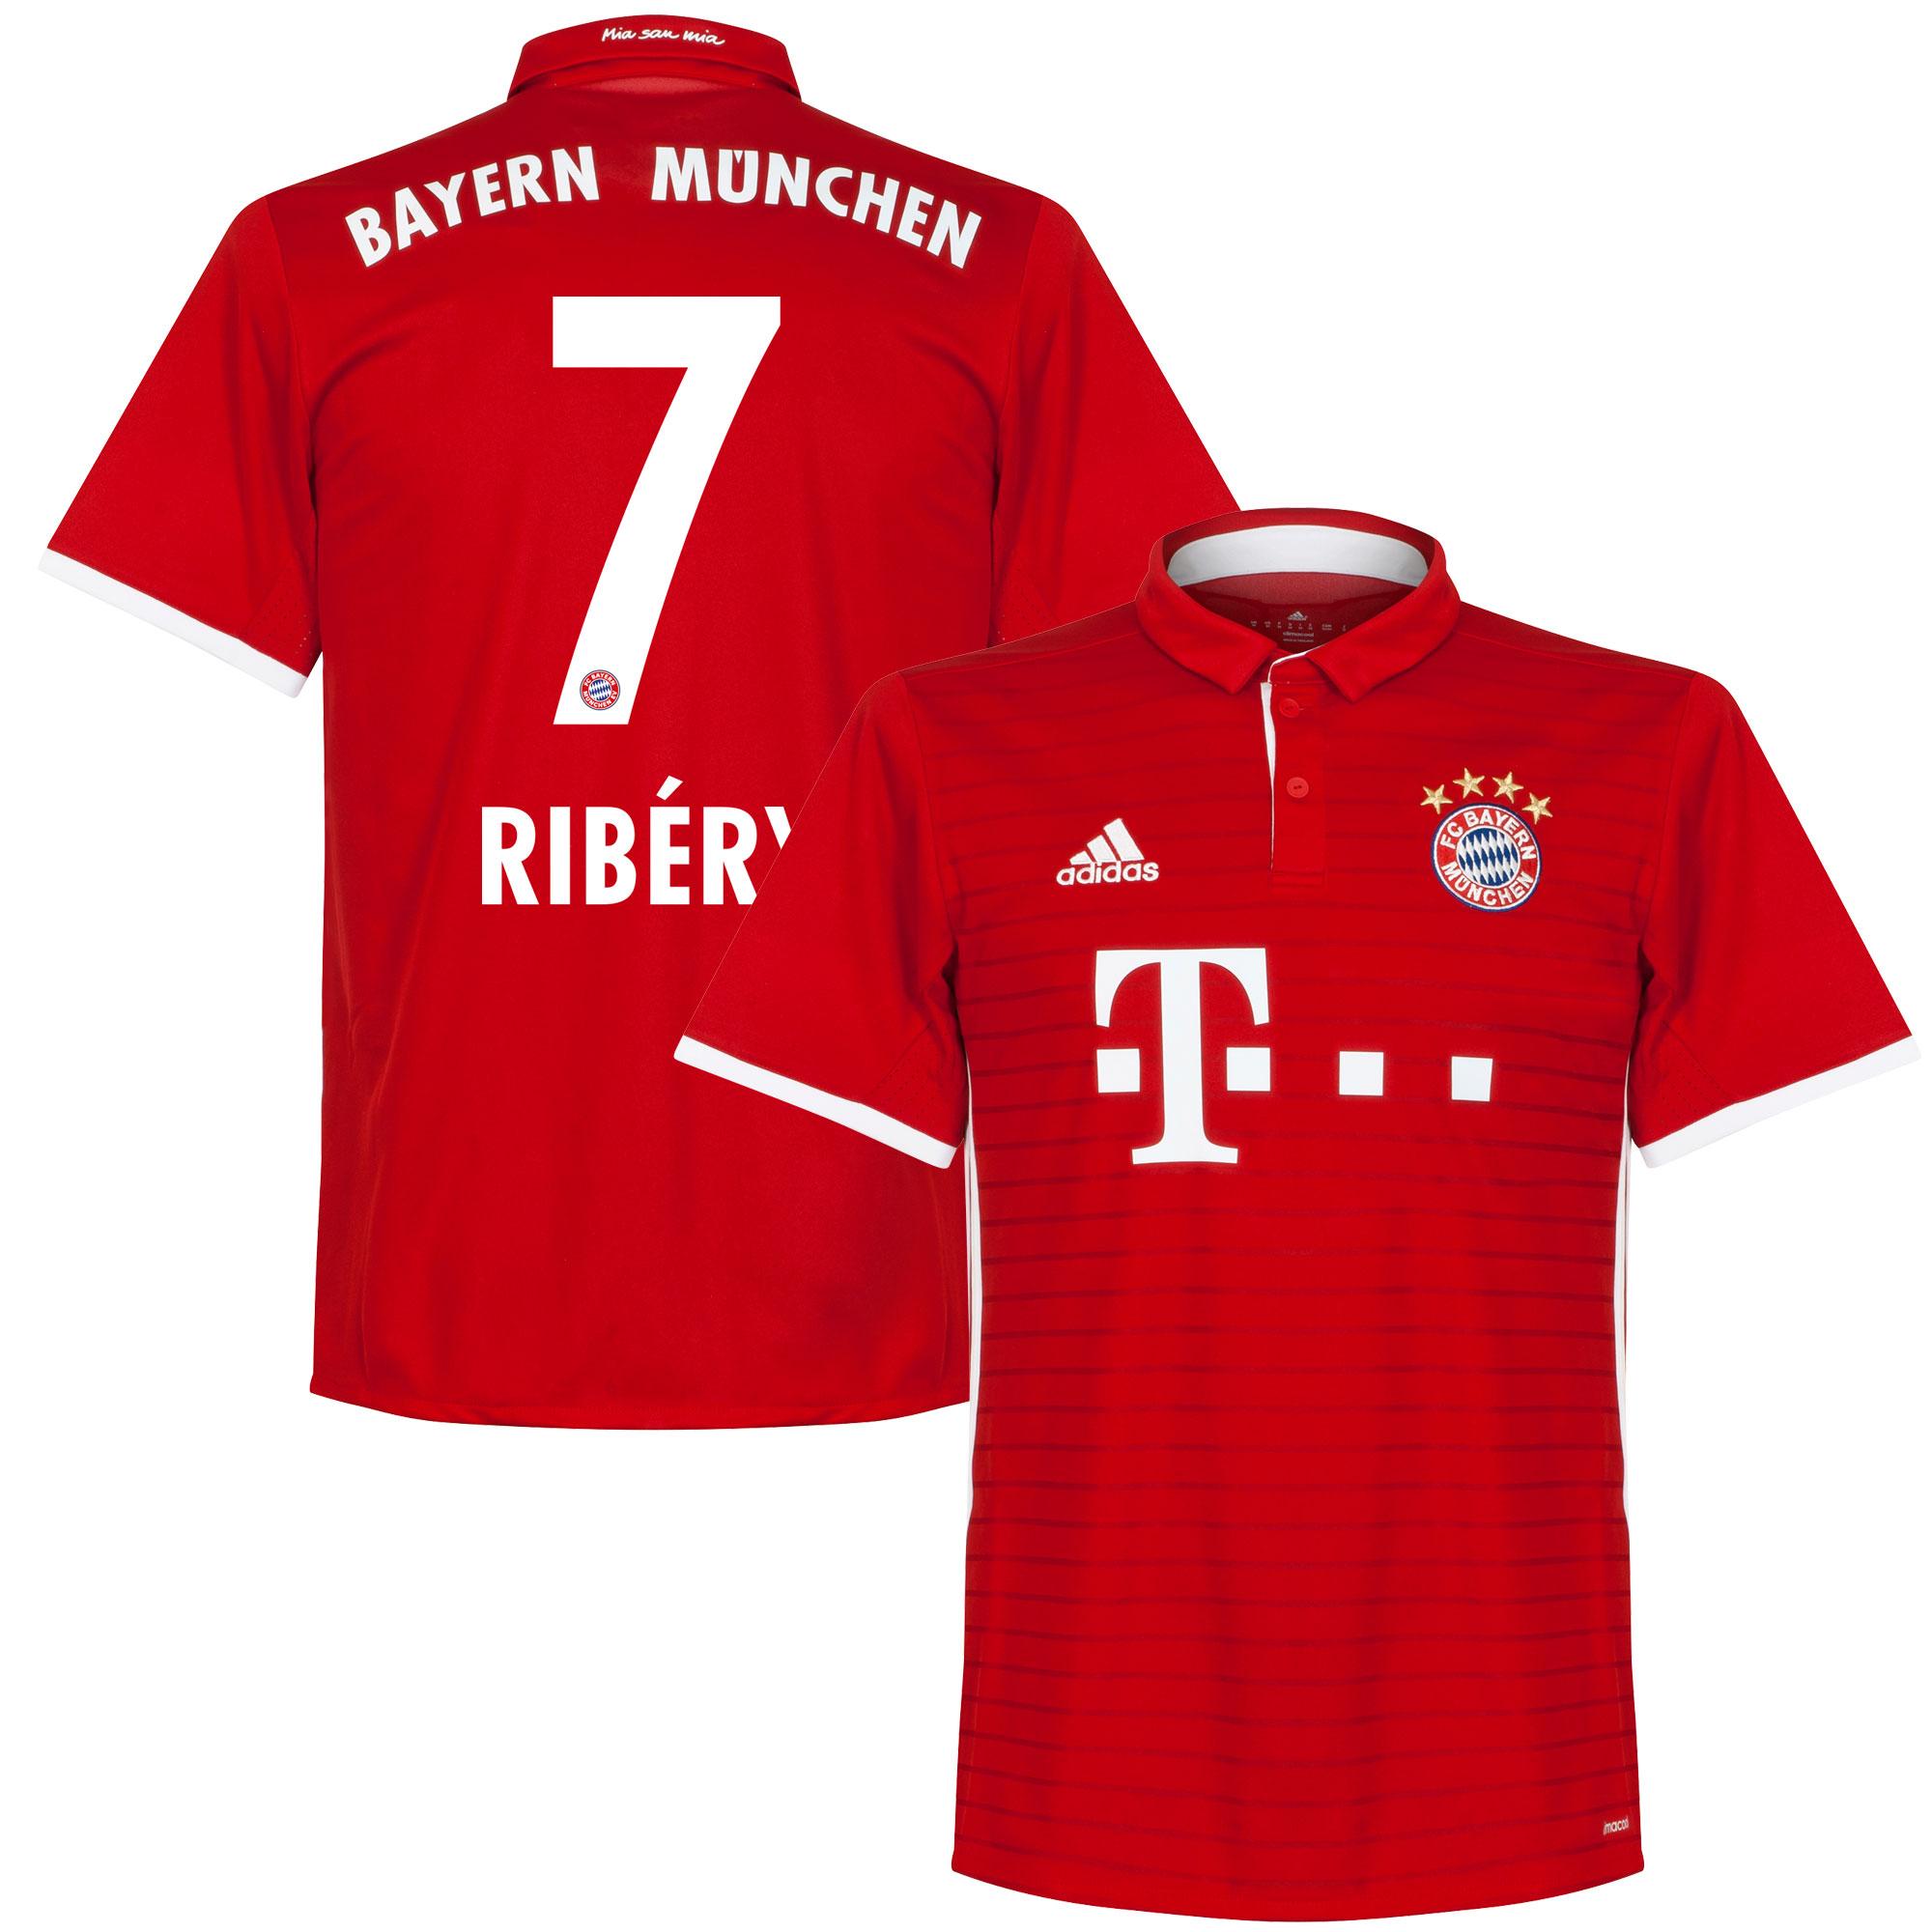 Bayern Munich Home Ribéry Jersey 2016 / 2017 - 46